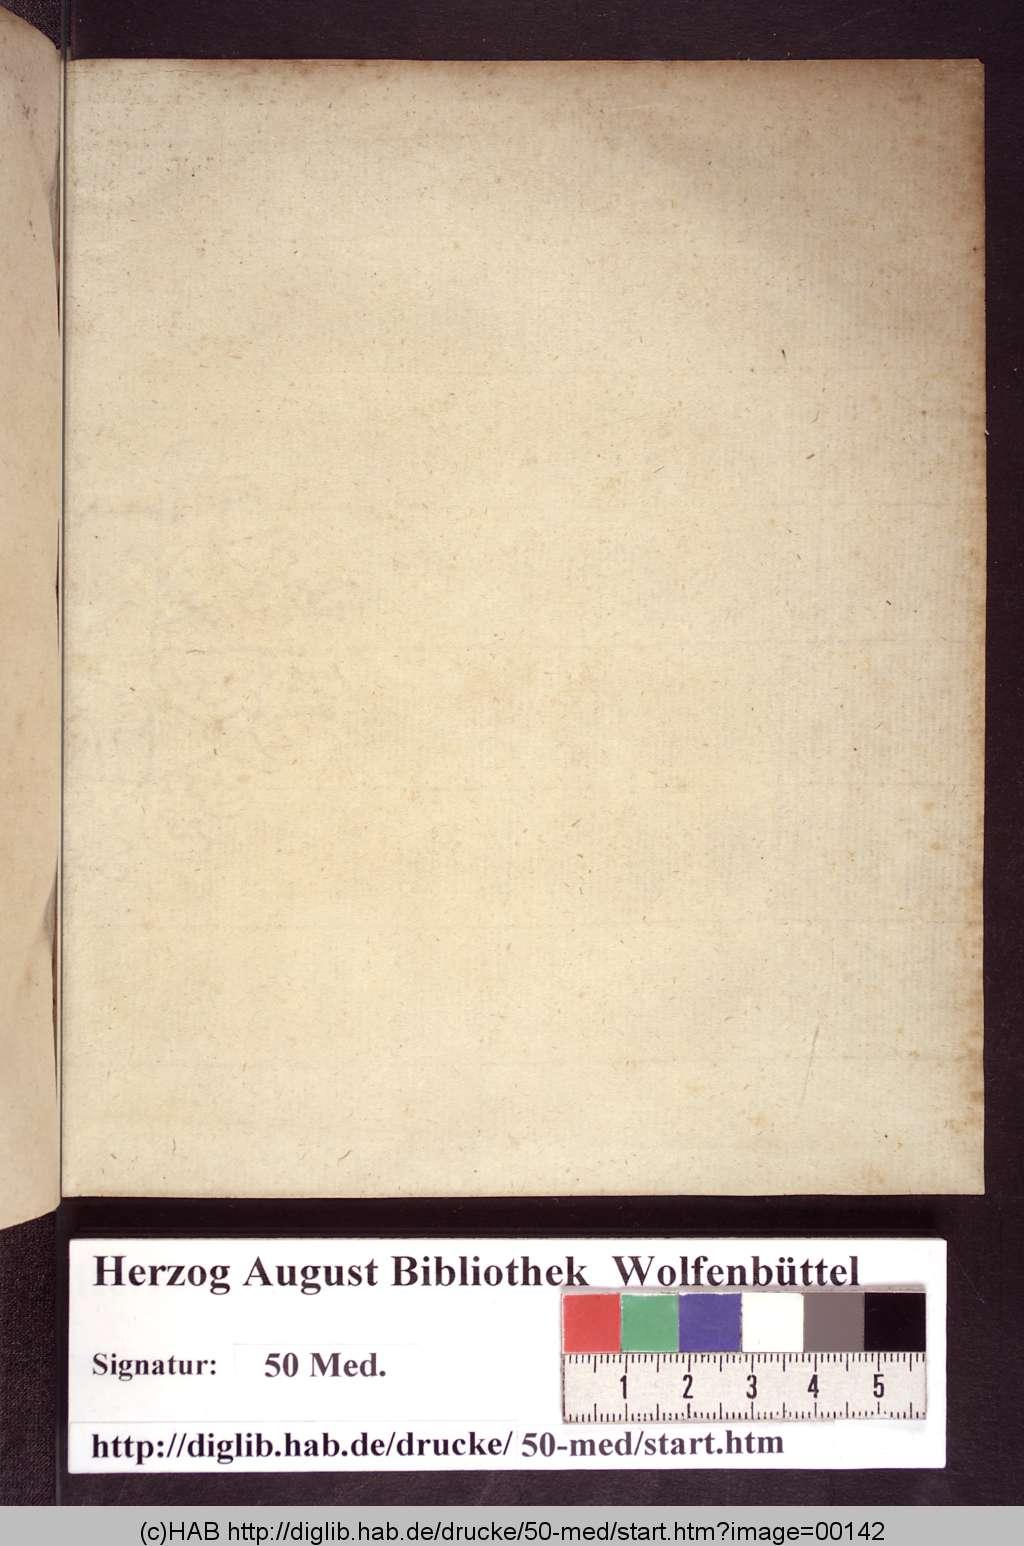 http://diglib.hab.de/drucke/50-med/00142.jpg